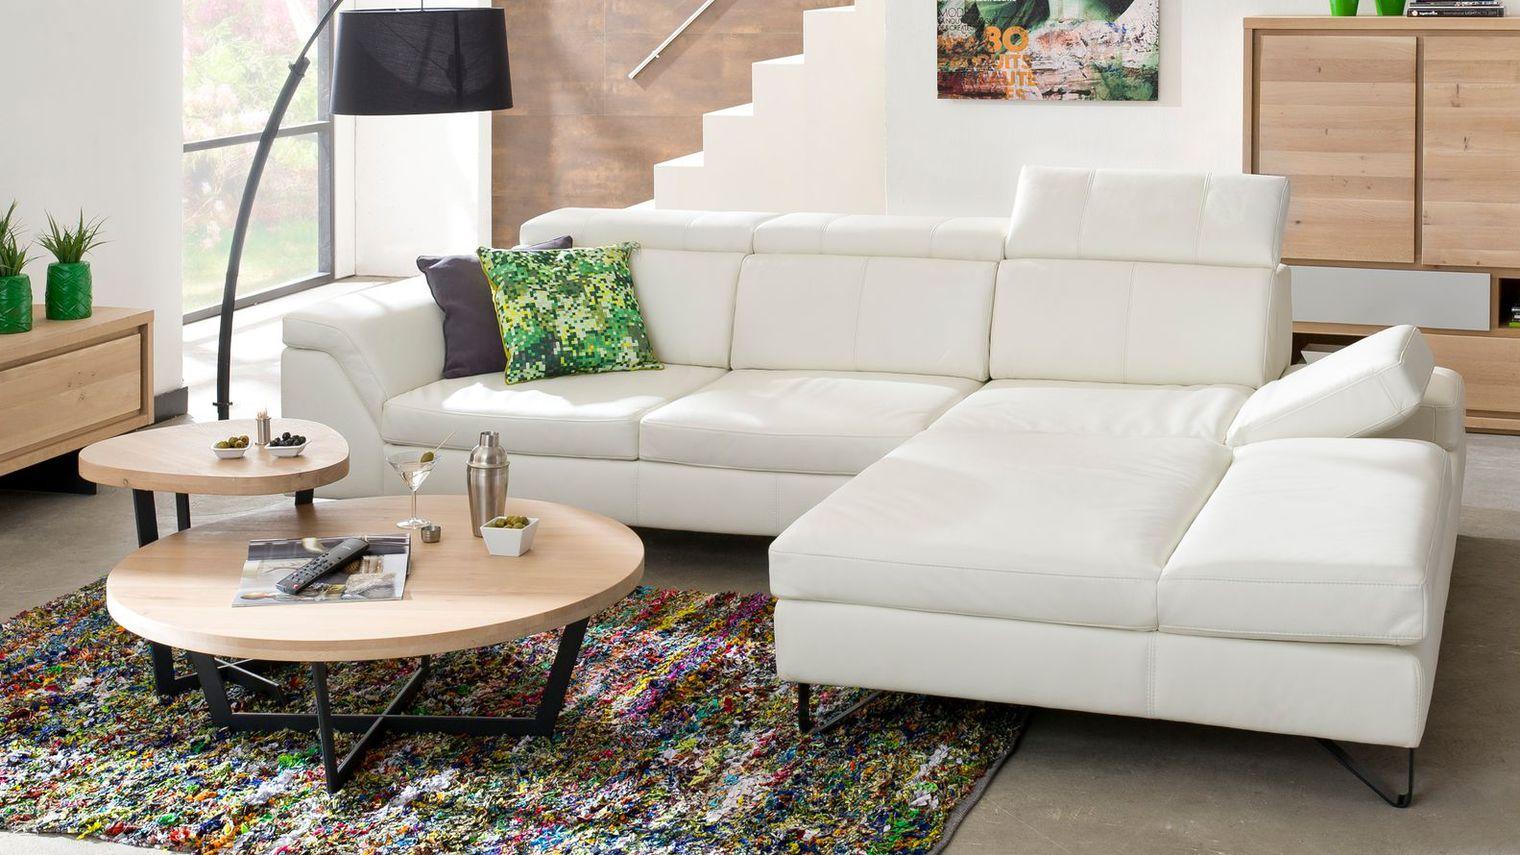 choisir son nouveau mobilier de salon moderne r tro vintage. Black Bedroom Furniture Sets. Home Design Ideas